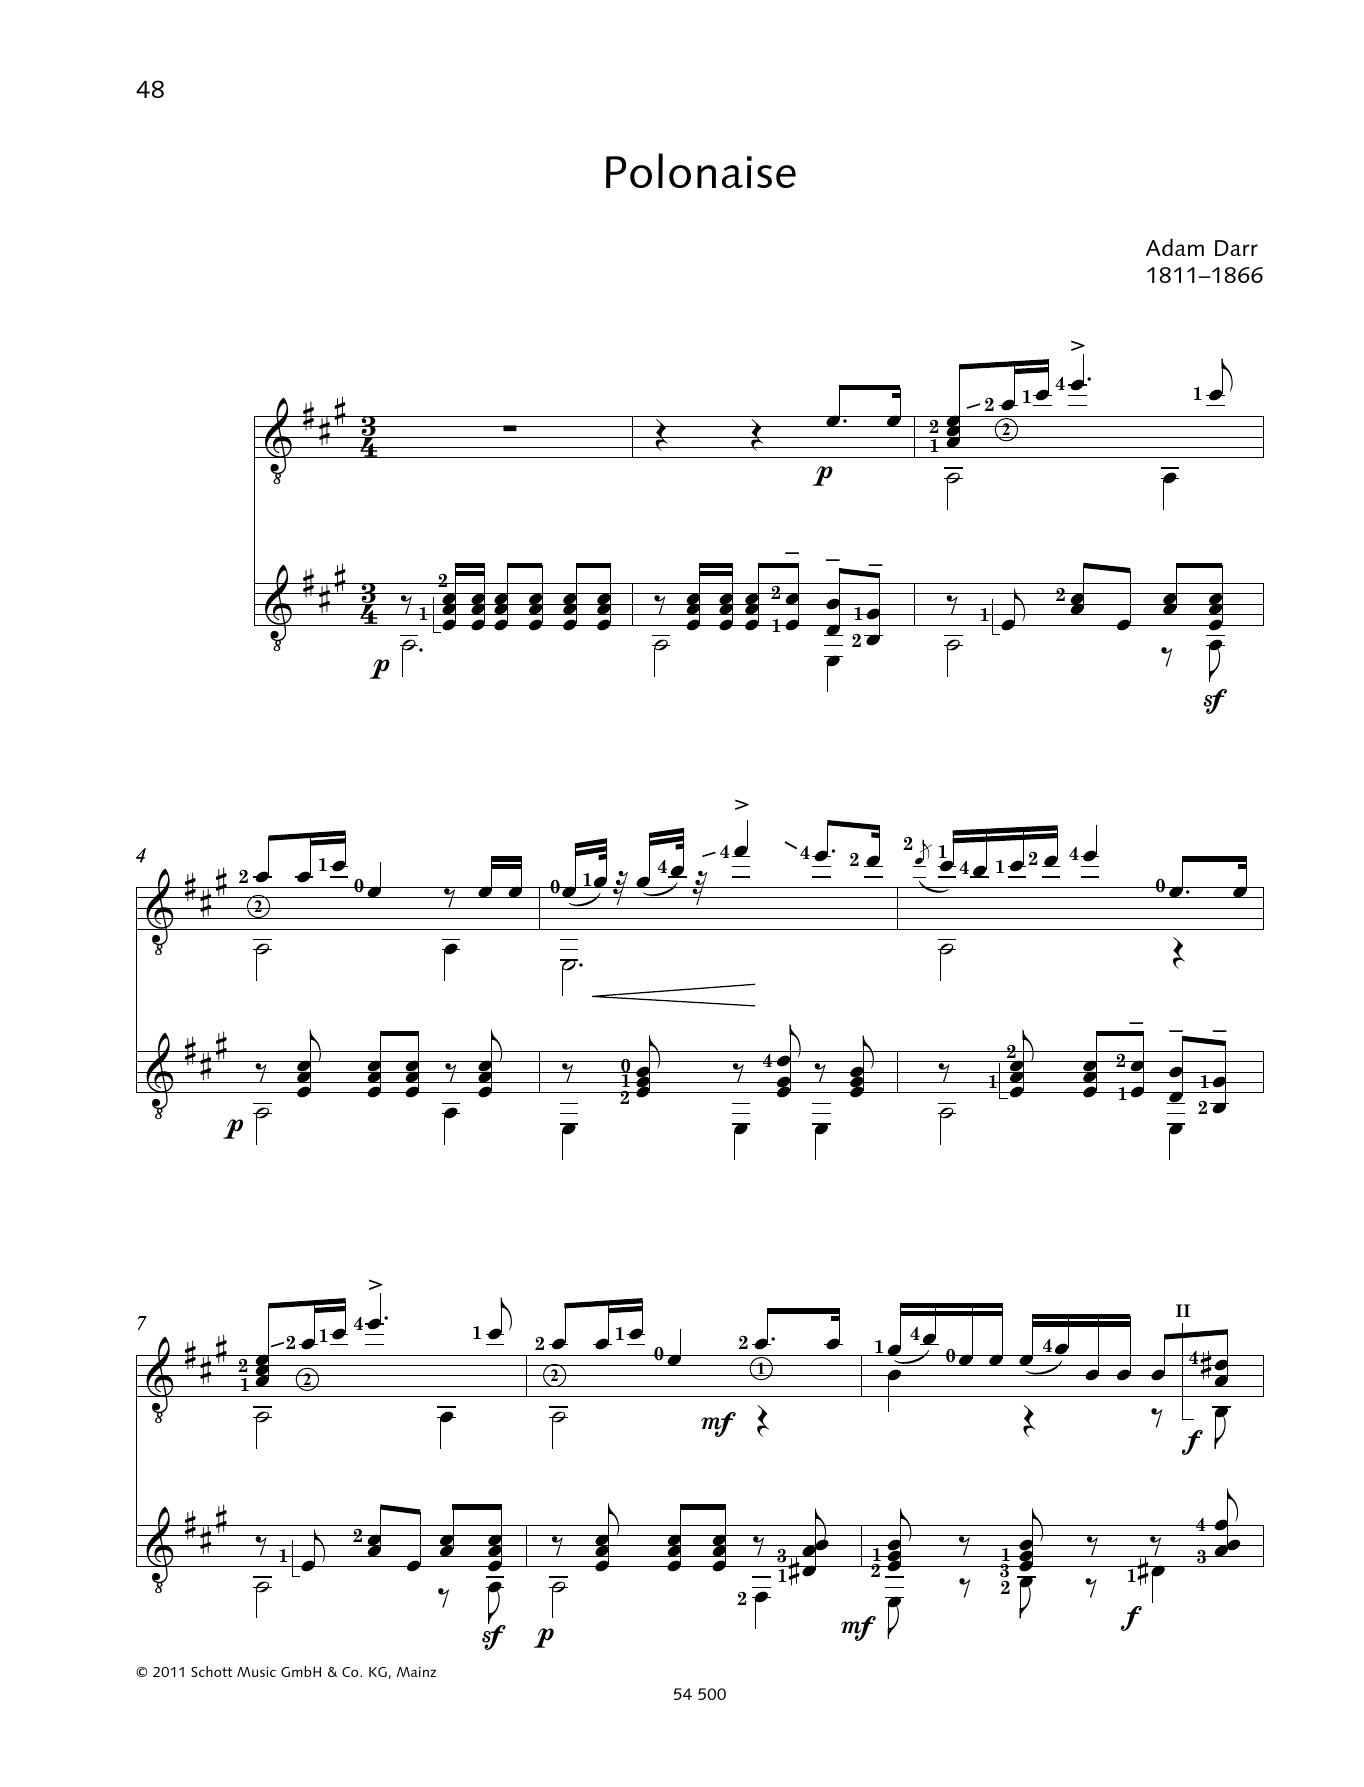 Polonaise - Full Score Sheet Music